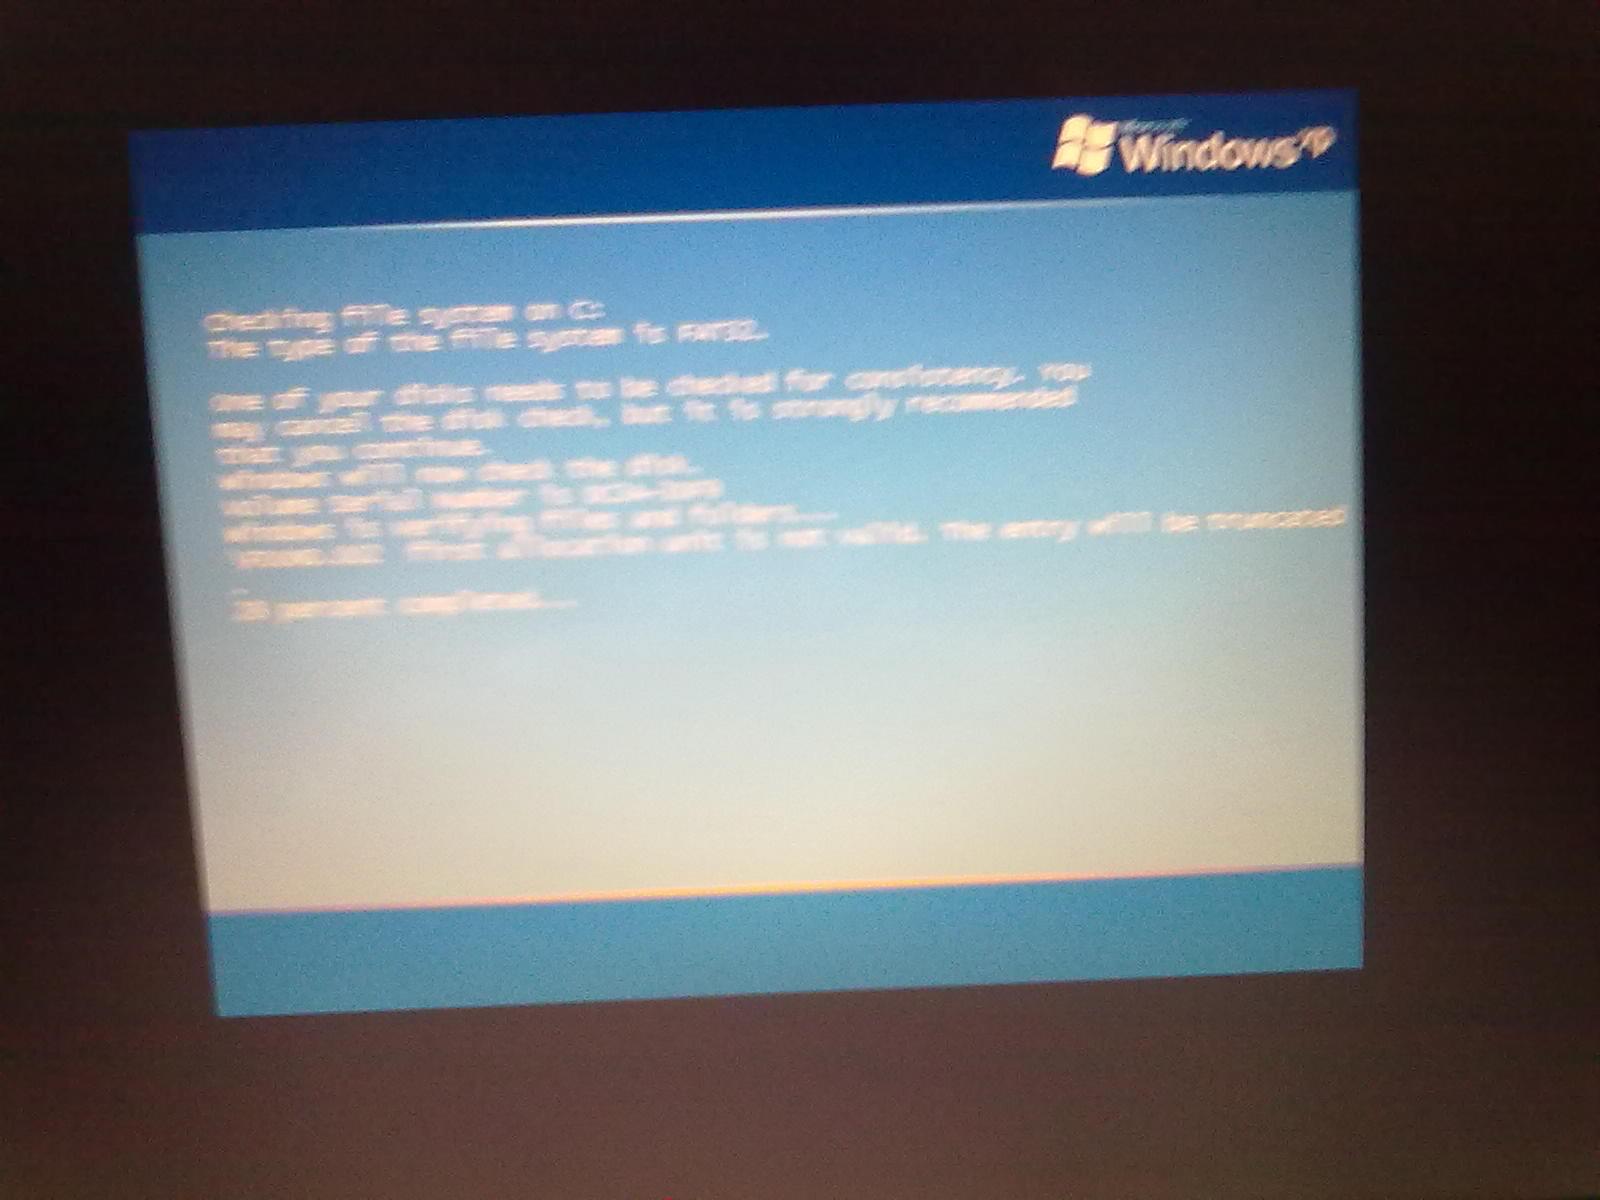 记本电脑开机后不显示桌面图标或任务栏怎么解决图片